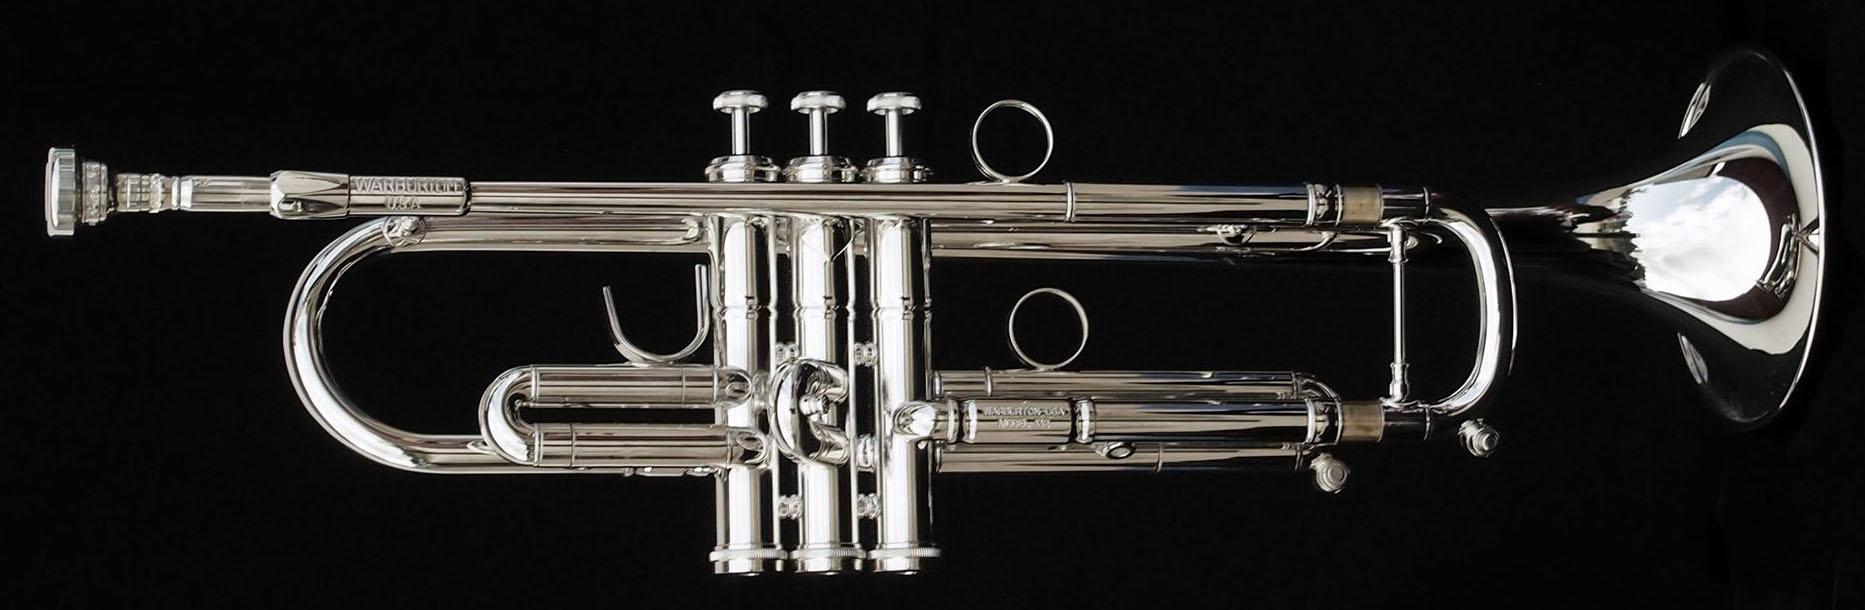 warburton-trumpet